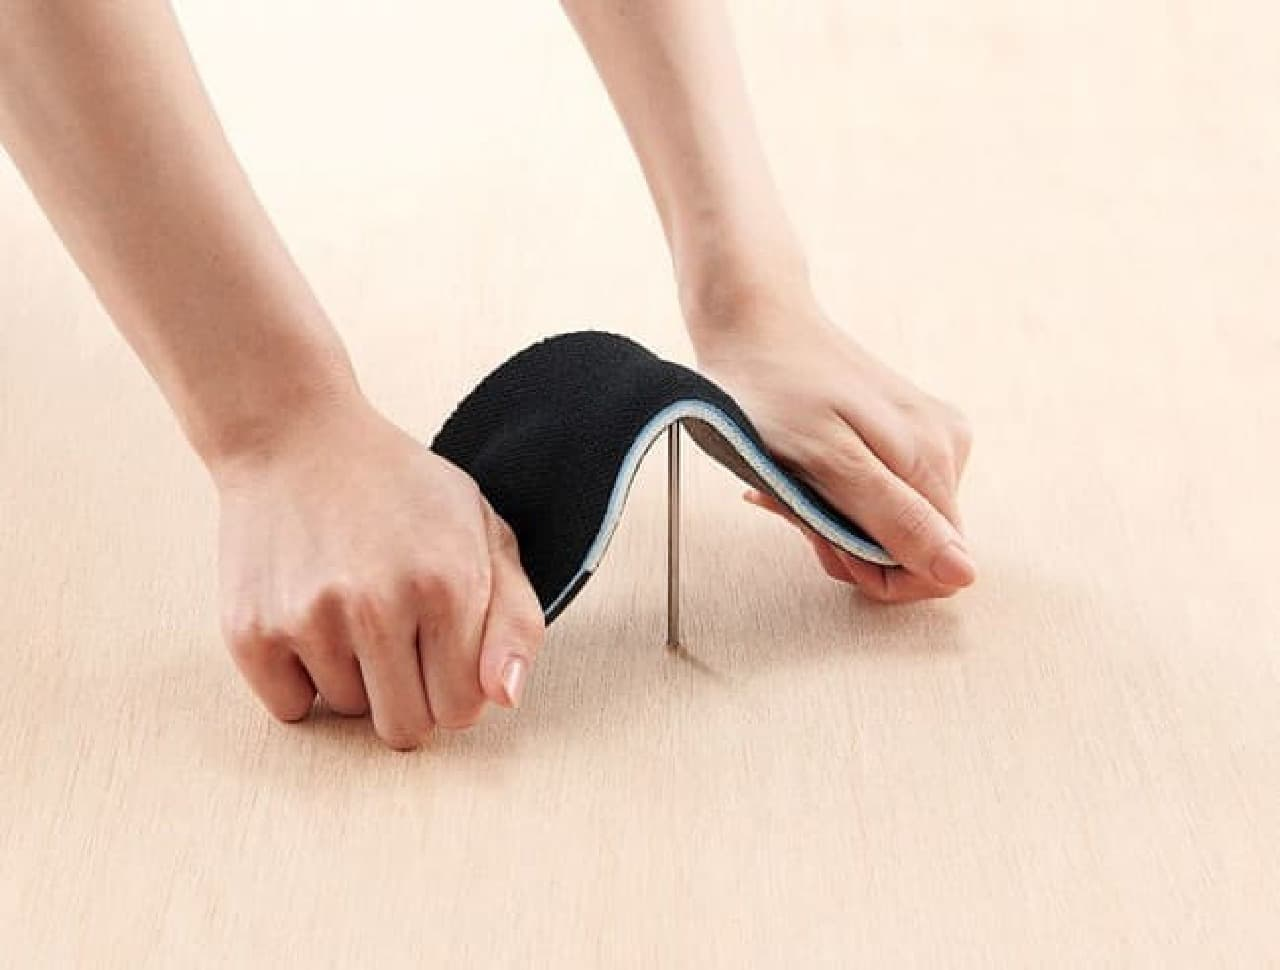 ガラス片から足を守る!防災インソール「足まもりーな」